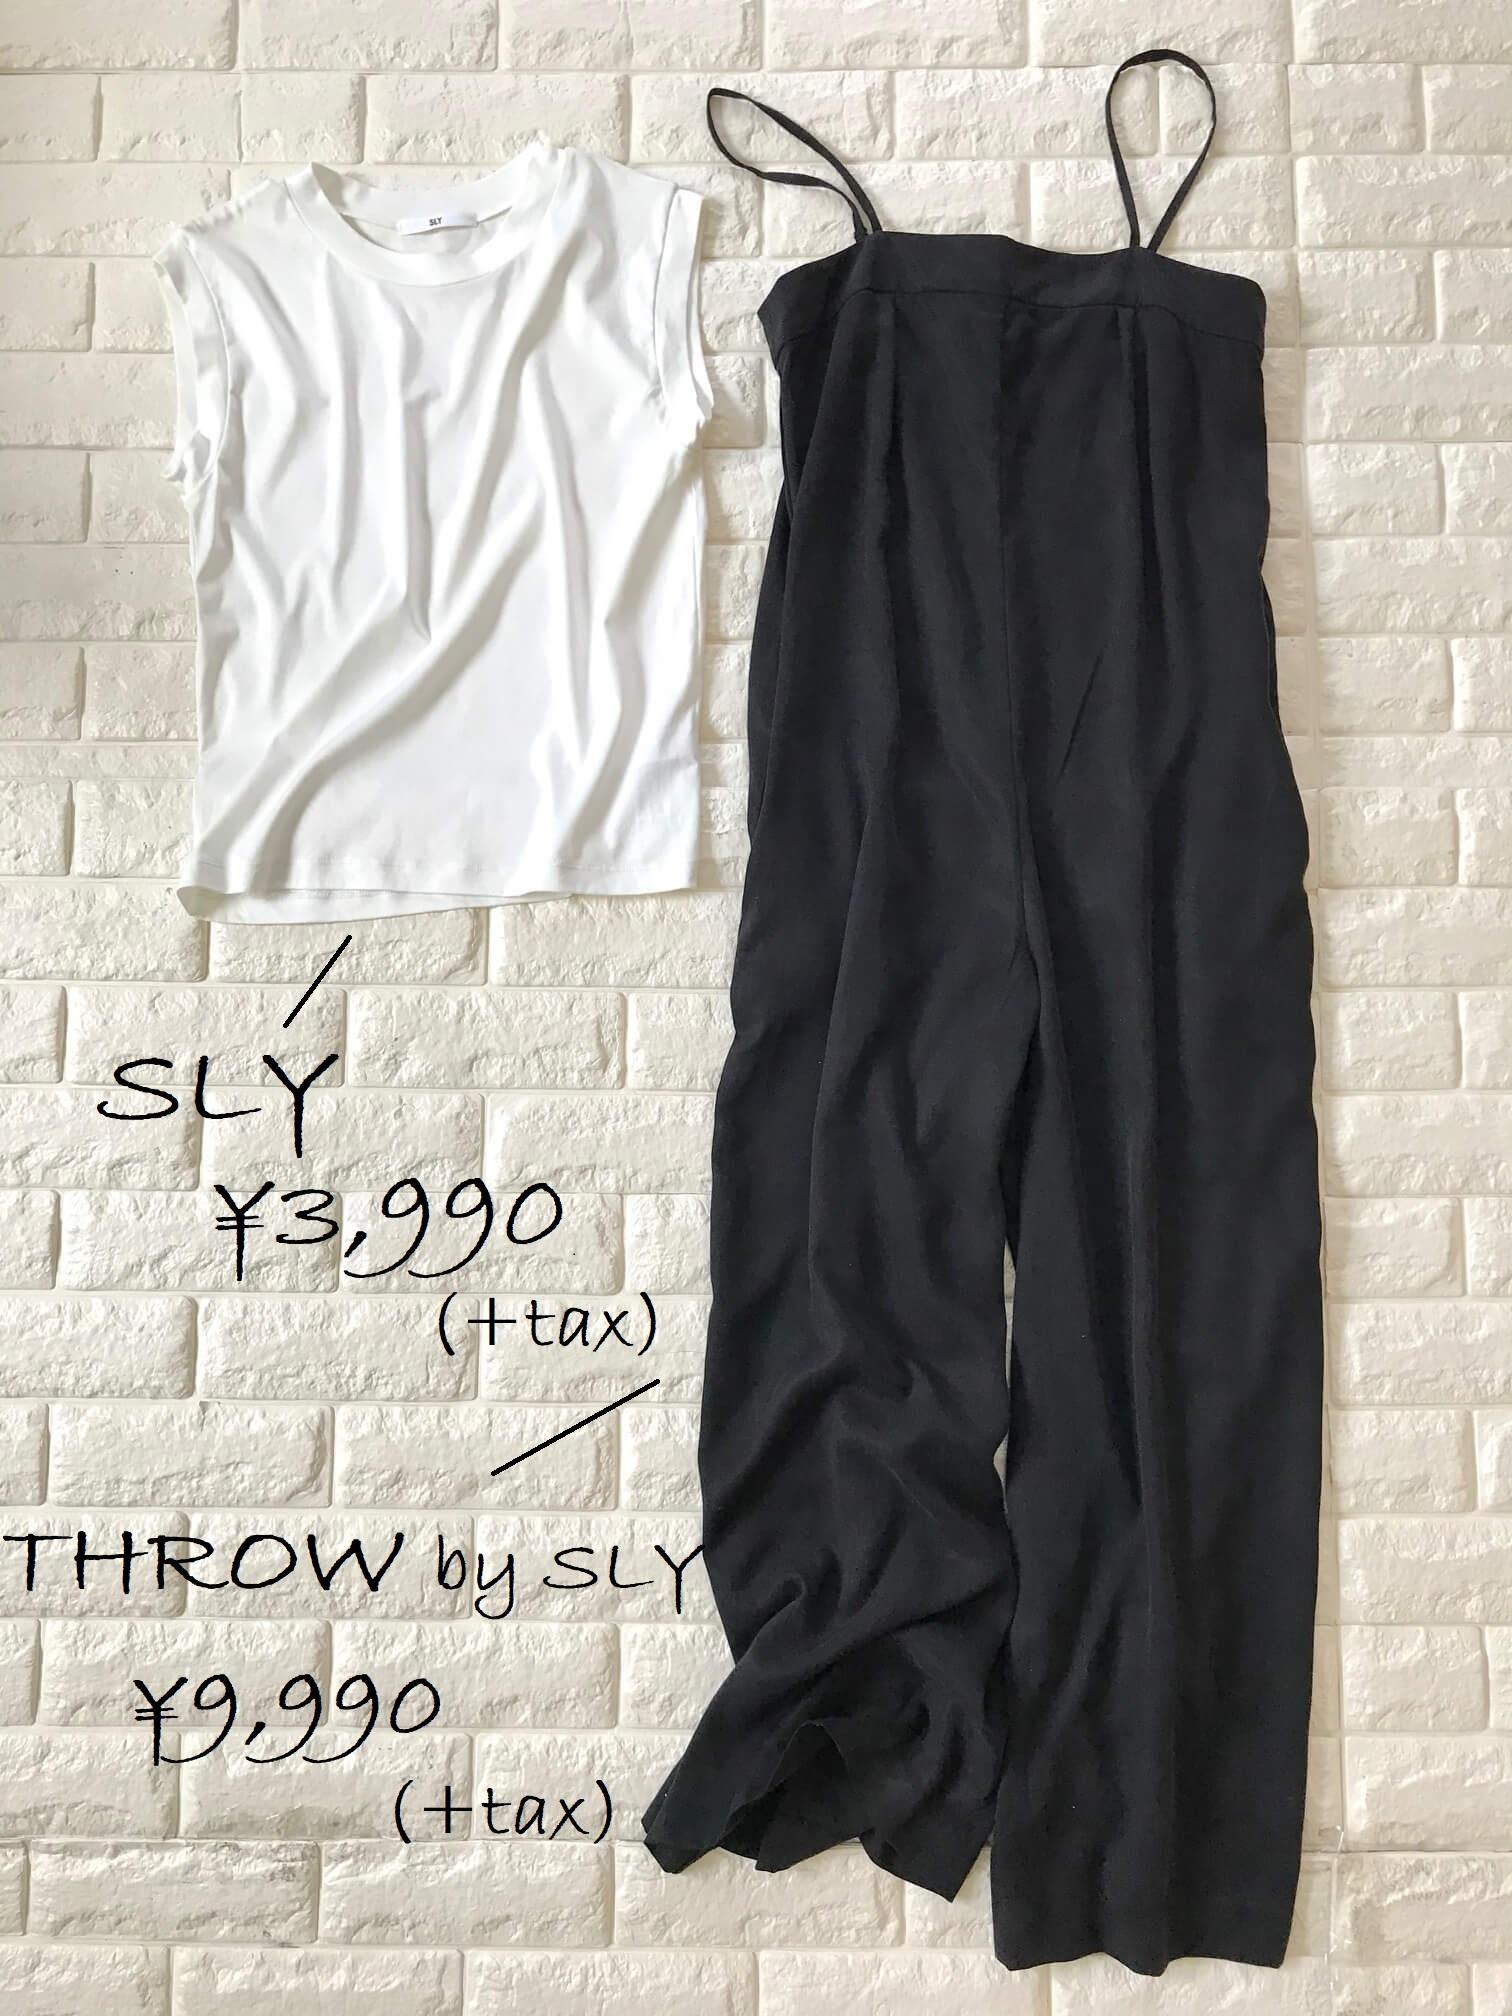 SLYの服2点画像